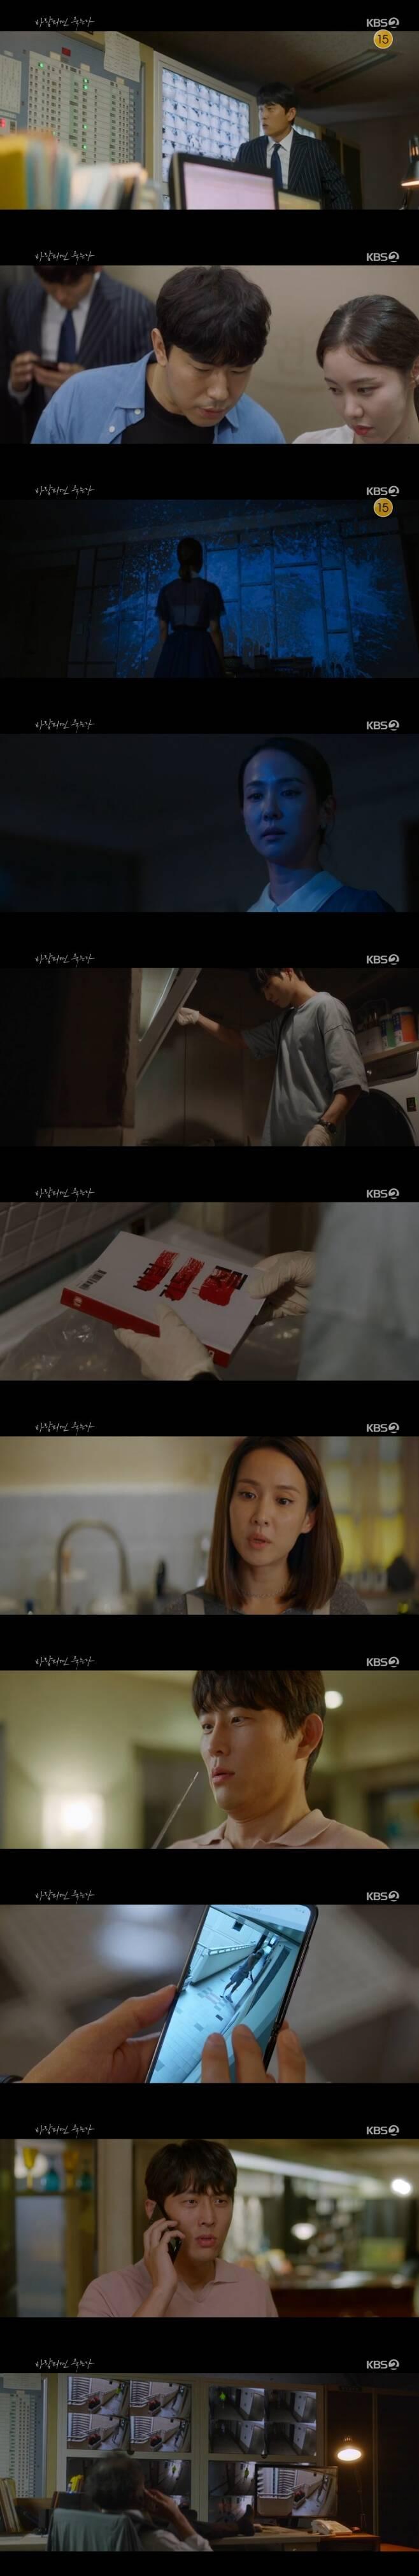 KBS 2TV '바람피면 죽는다' 캡처 © 뉴스1